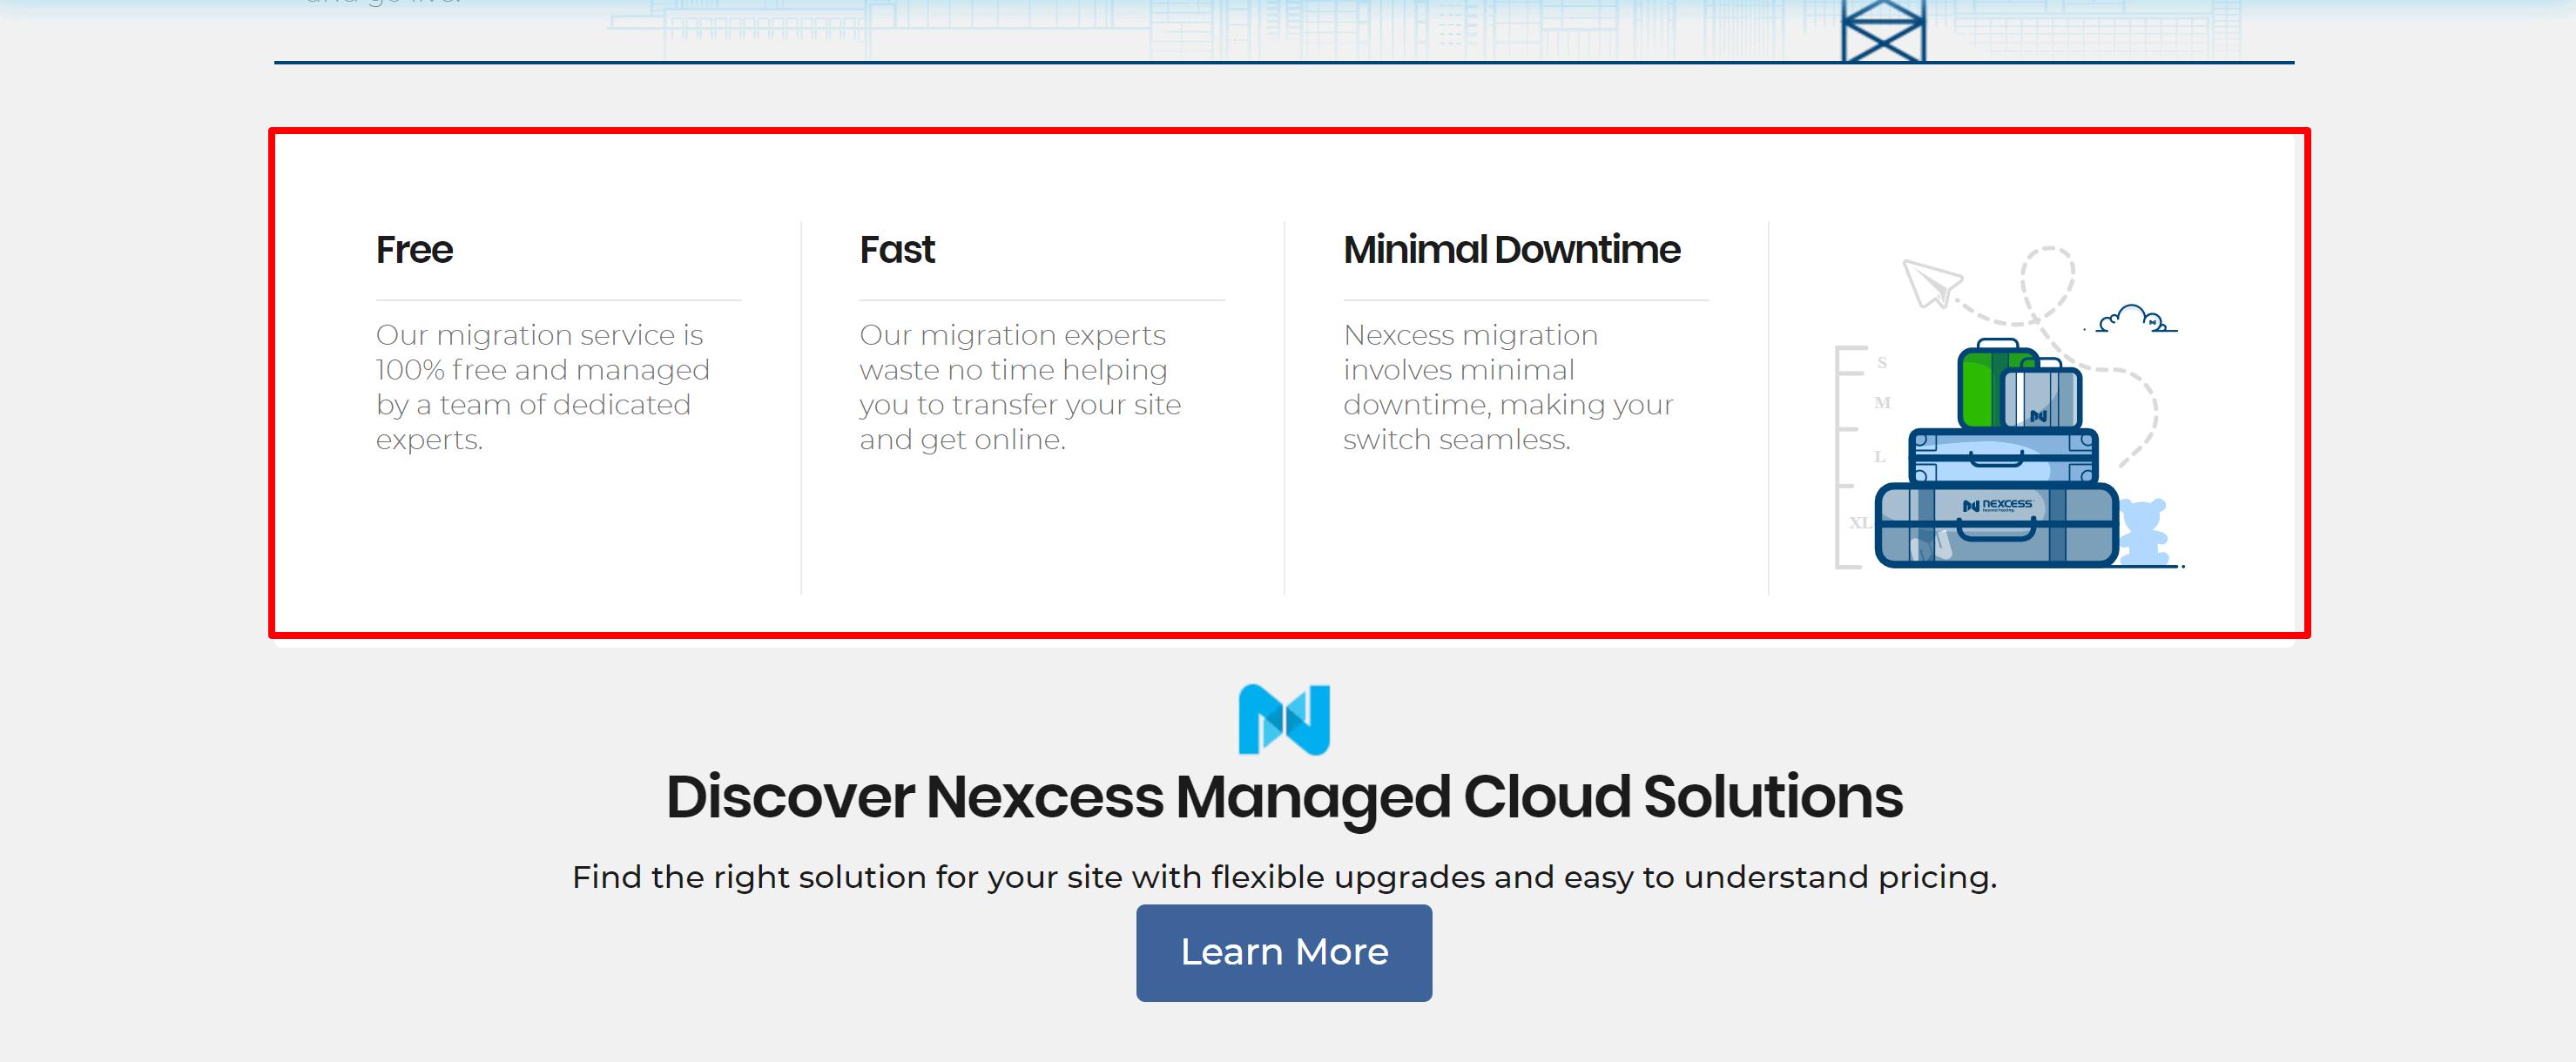 Nexcess migration- cloudways vs nexcess